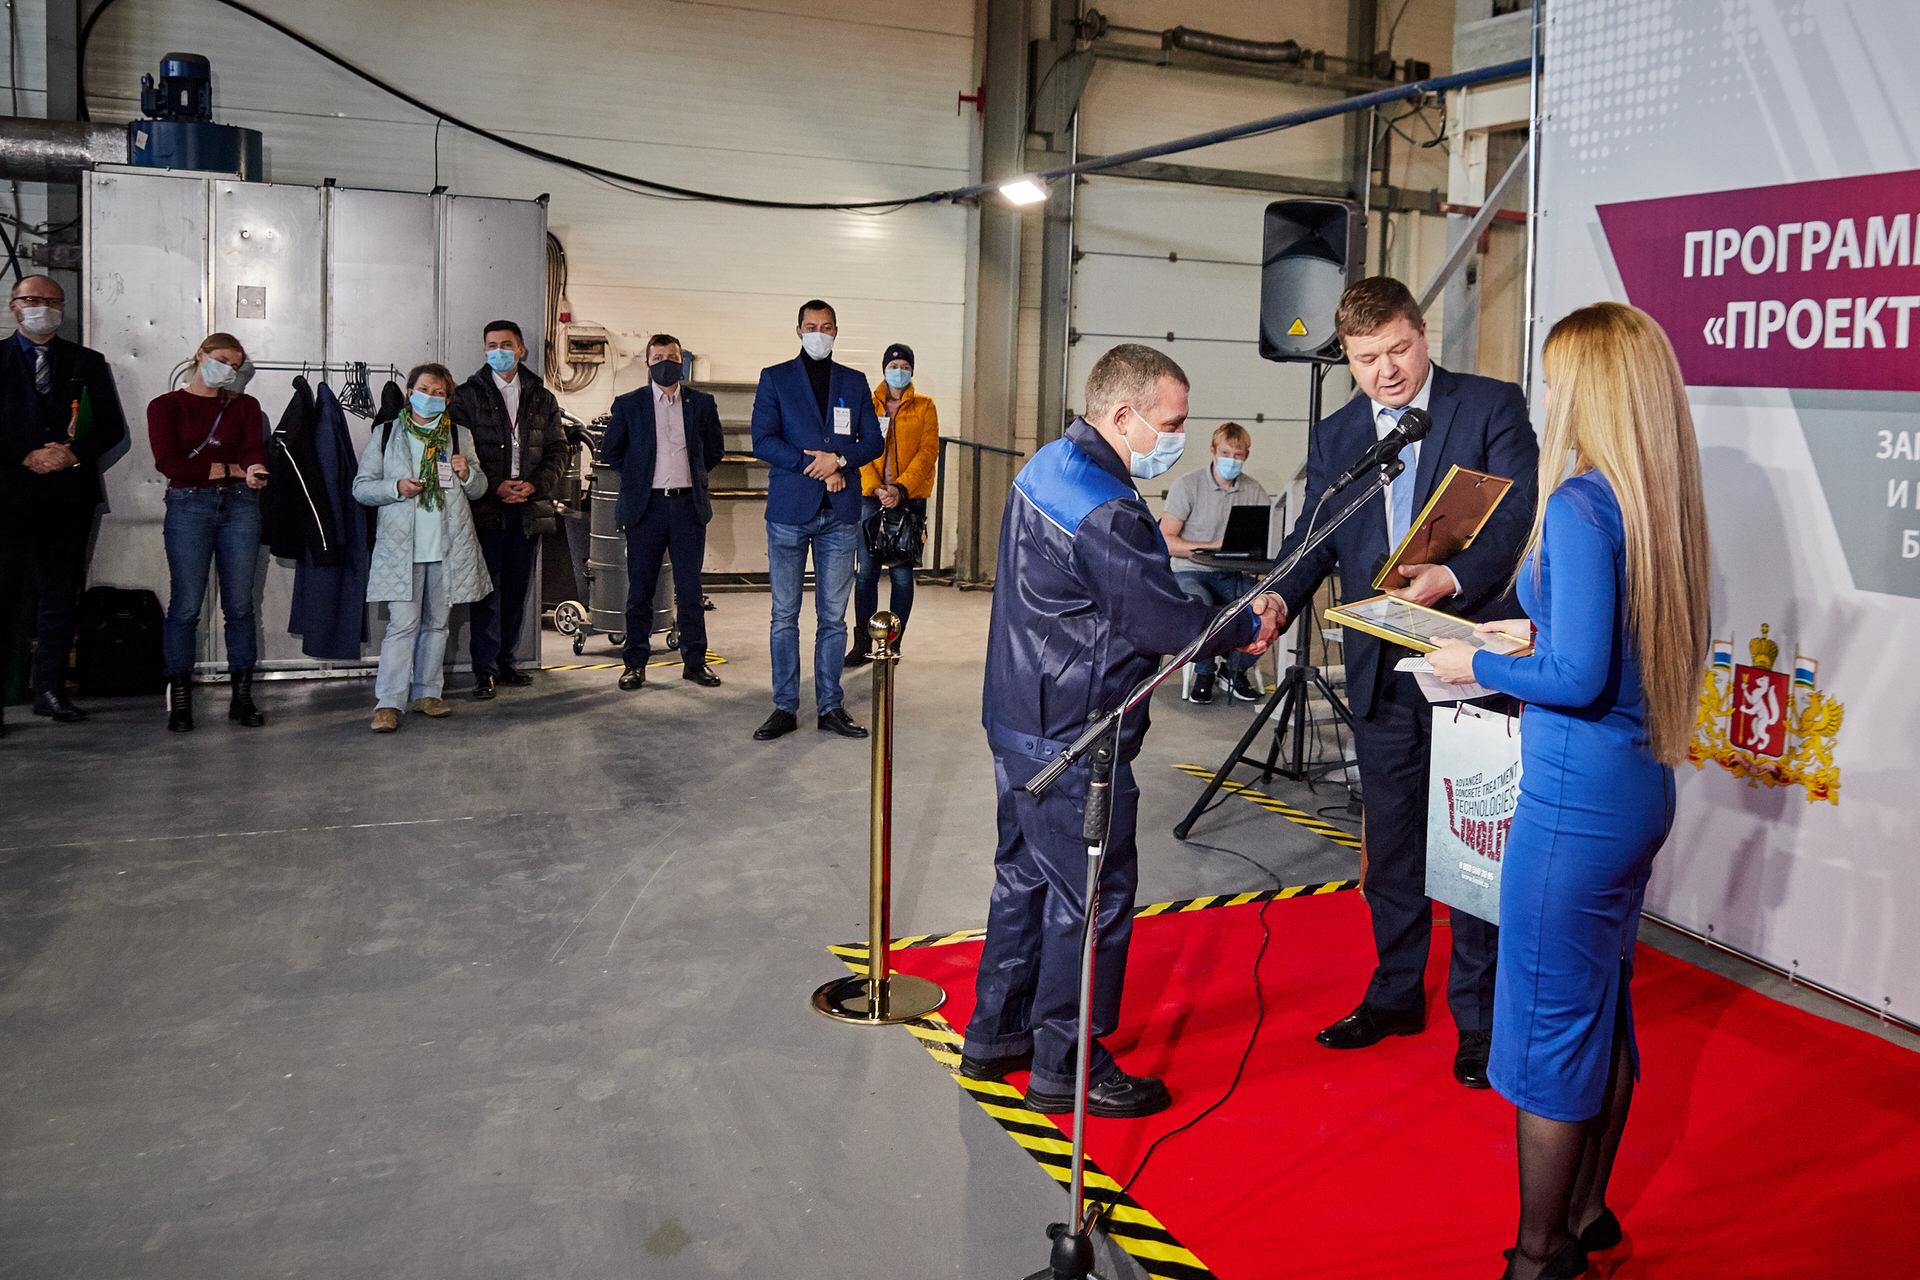 На церемонии открытия замминистра наградил лучших сотрудников предприятия благодарственными письмами от министерства промышленности и науки области